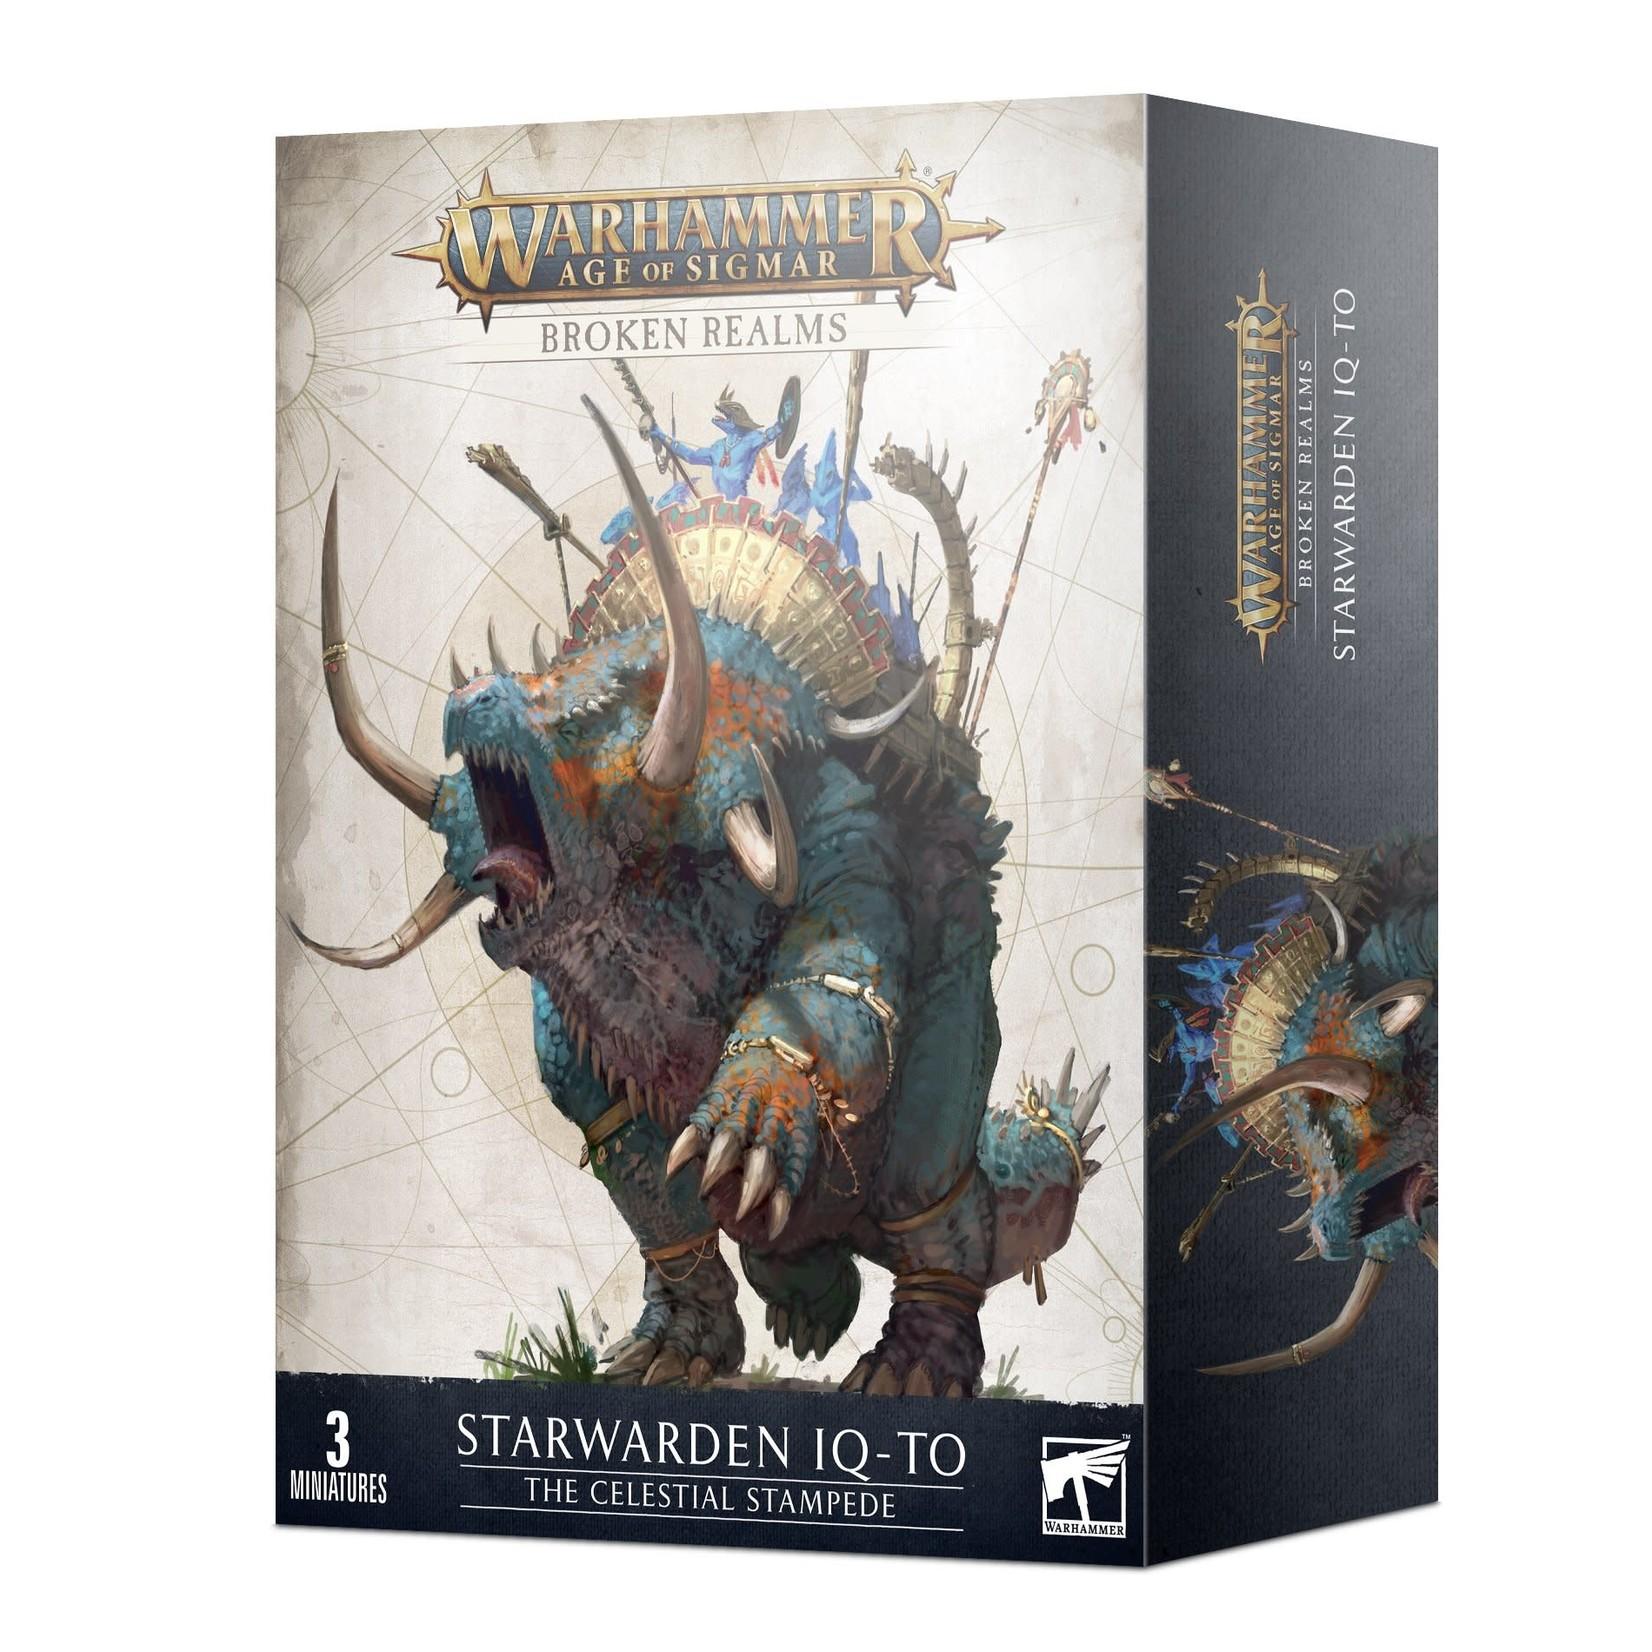 Games Workshop Warhammer Age of Sigmar: Broken Realms - The Celestial Stampede